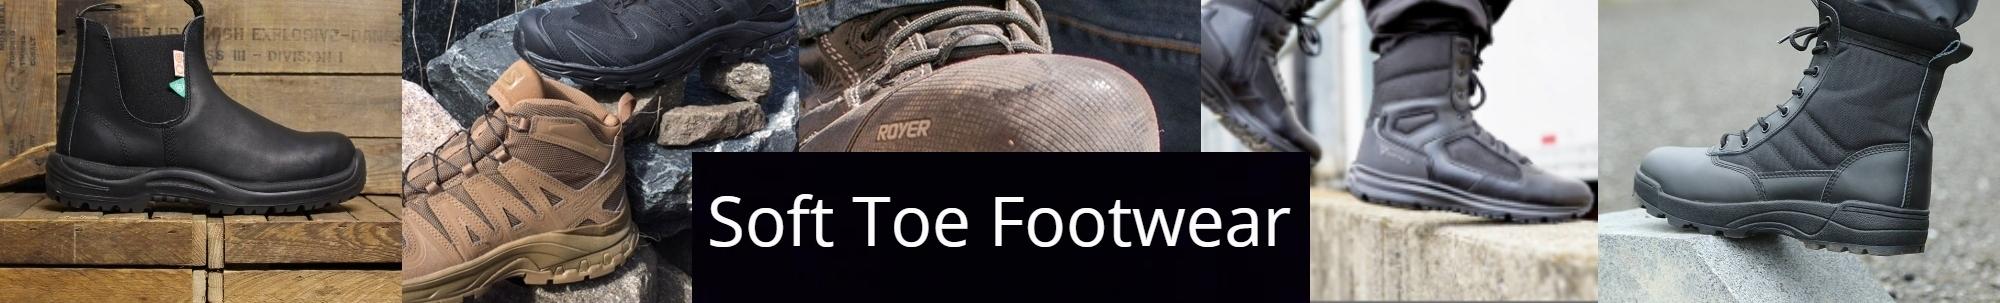 boots-malesoftFOOTWEAR.jpg